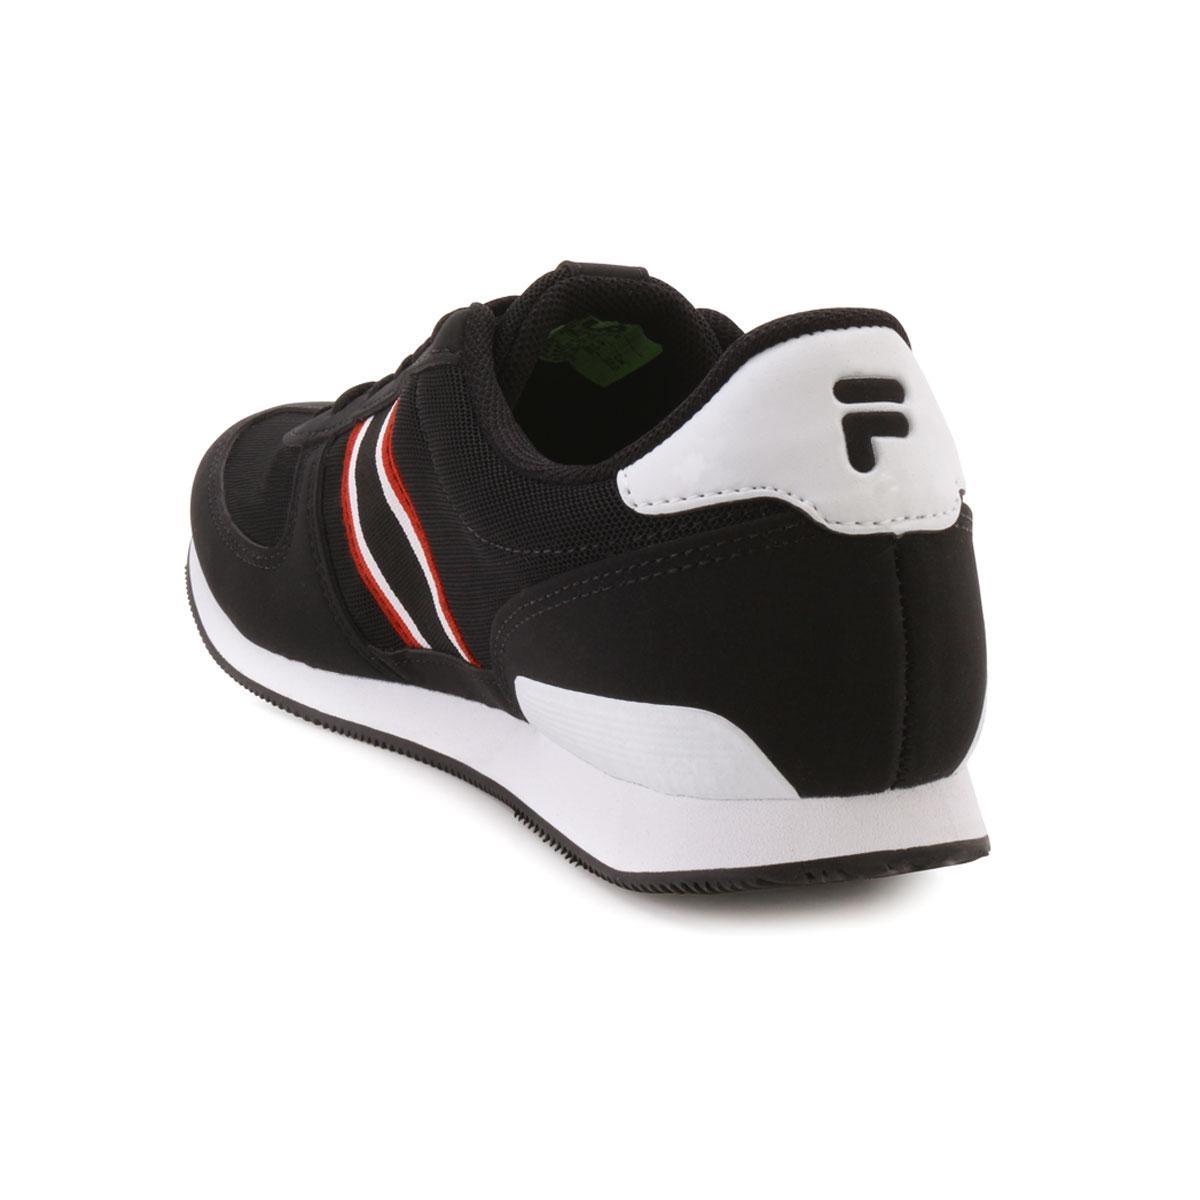 a1f008c5a3c tênis fila jogging retro sport 2.0 fl18. Carregando zoom.